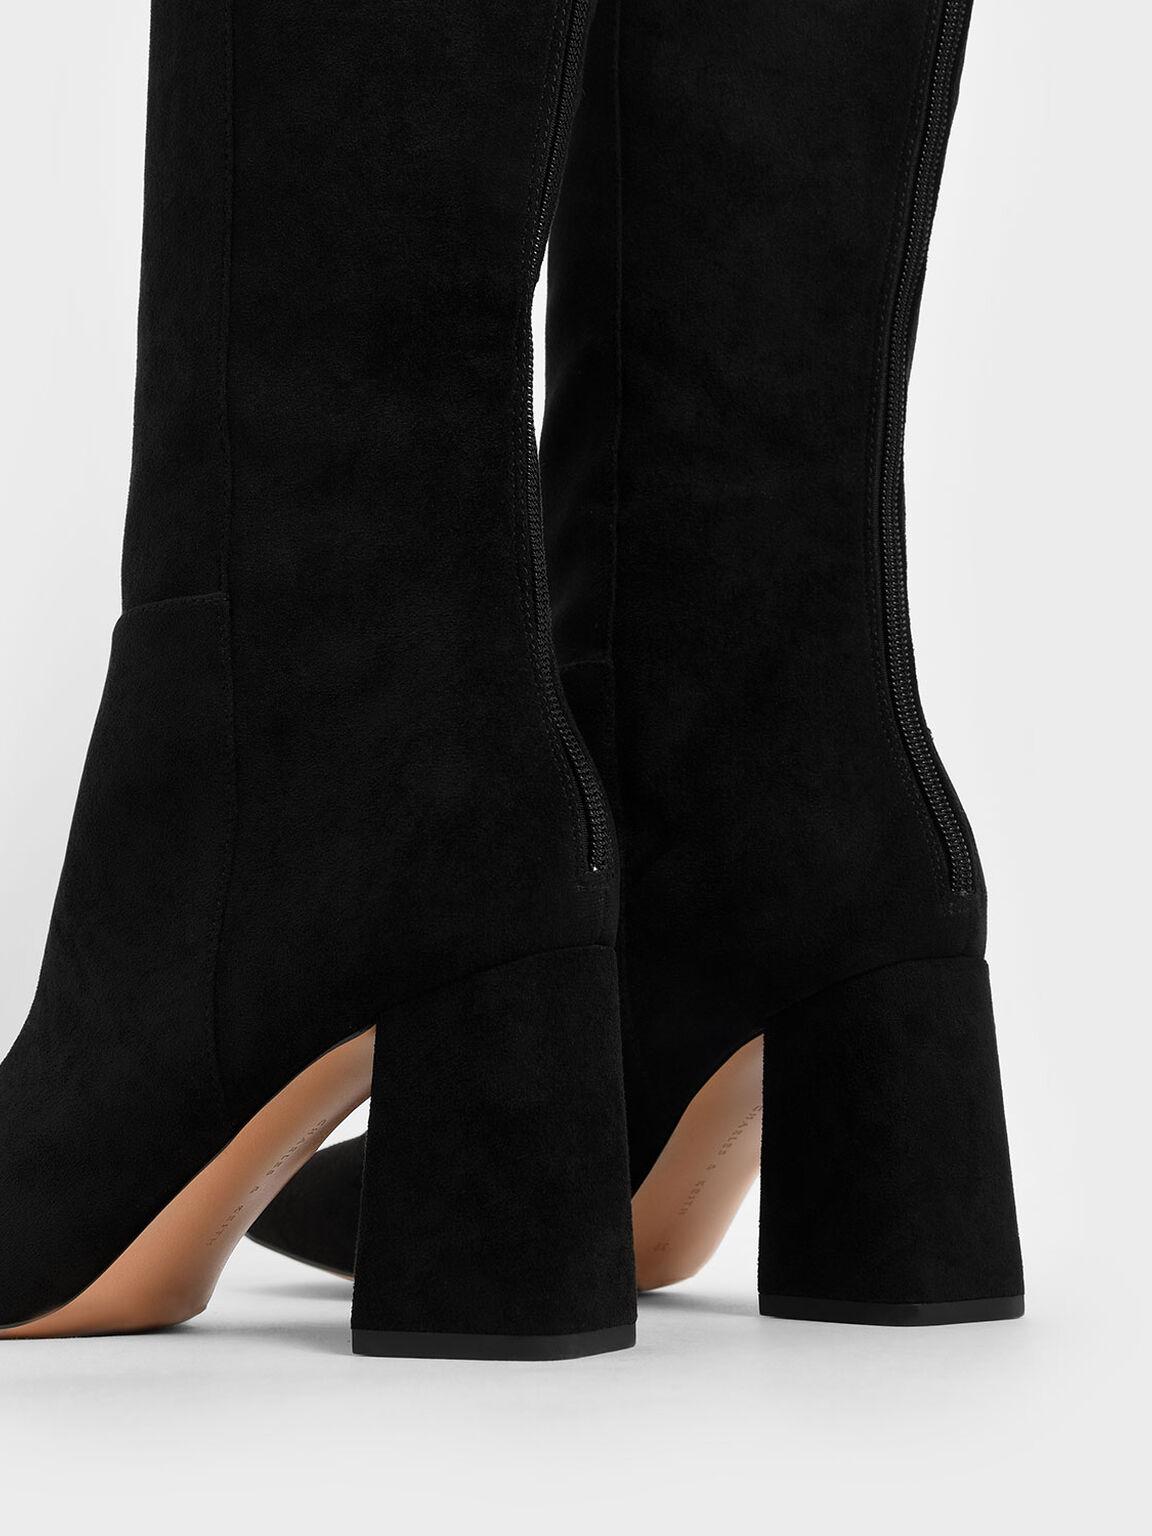 Textured Knee High Block Heel Boots, Black, hi-res